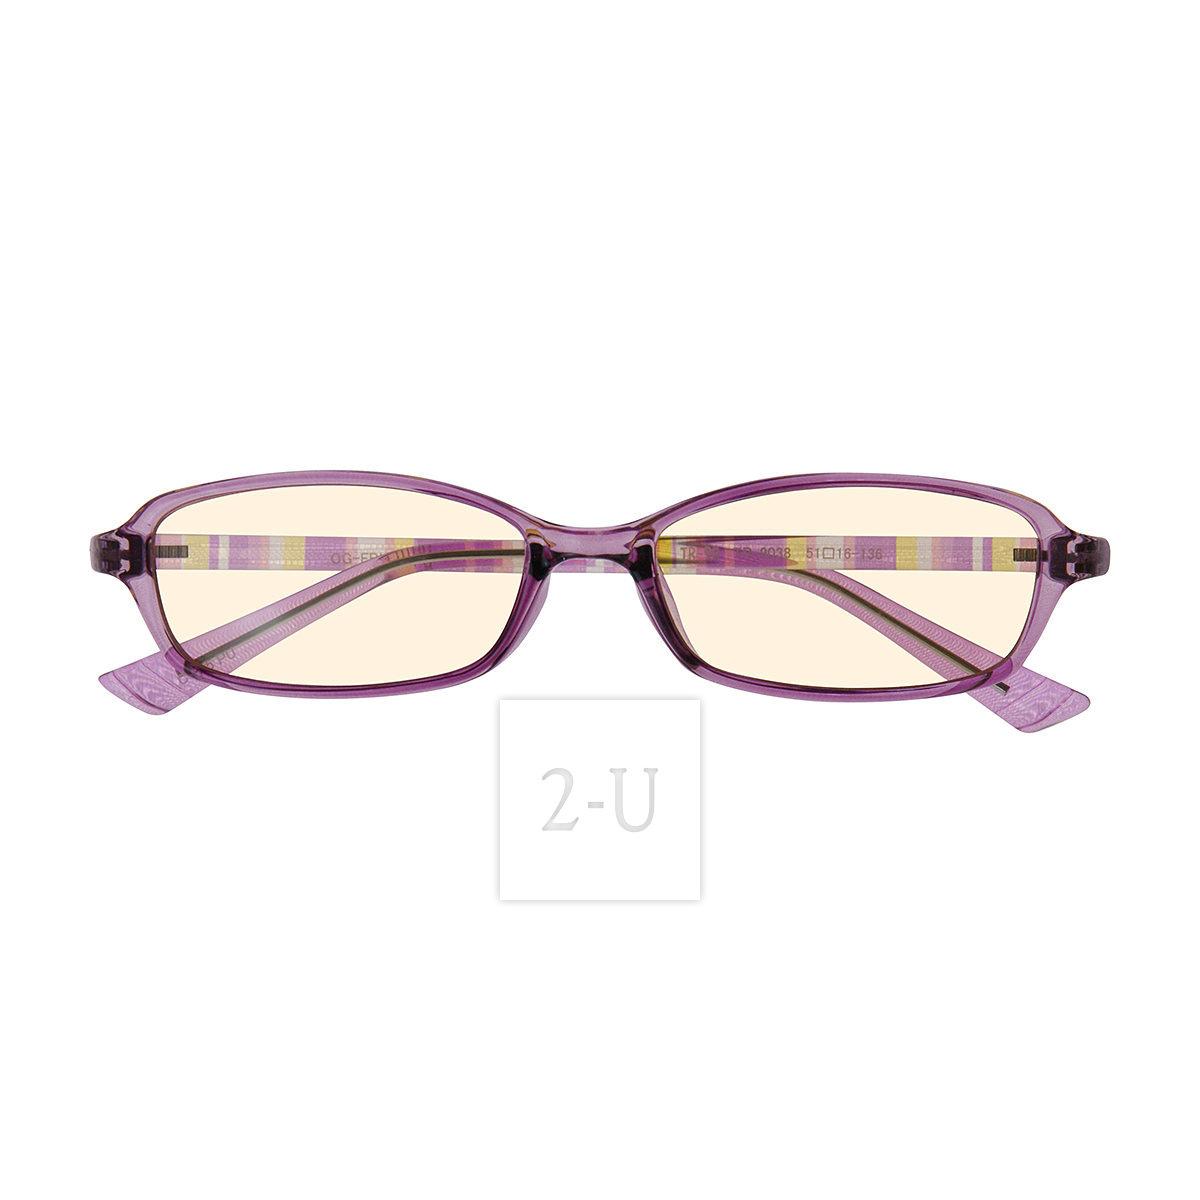 過濾藍光防紫外線 PC 專業電腦防護護眼眼鏡 紫色 [ 2-U ]